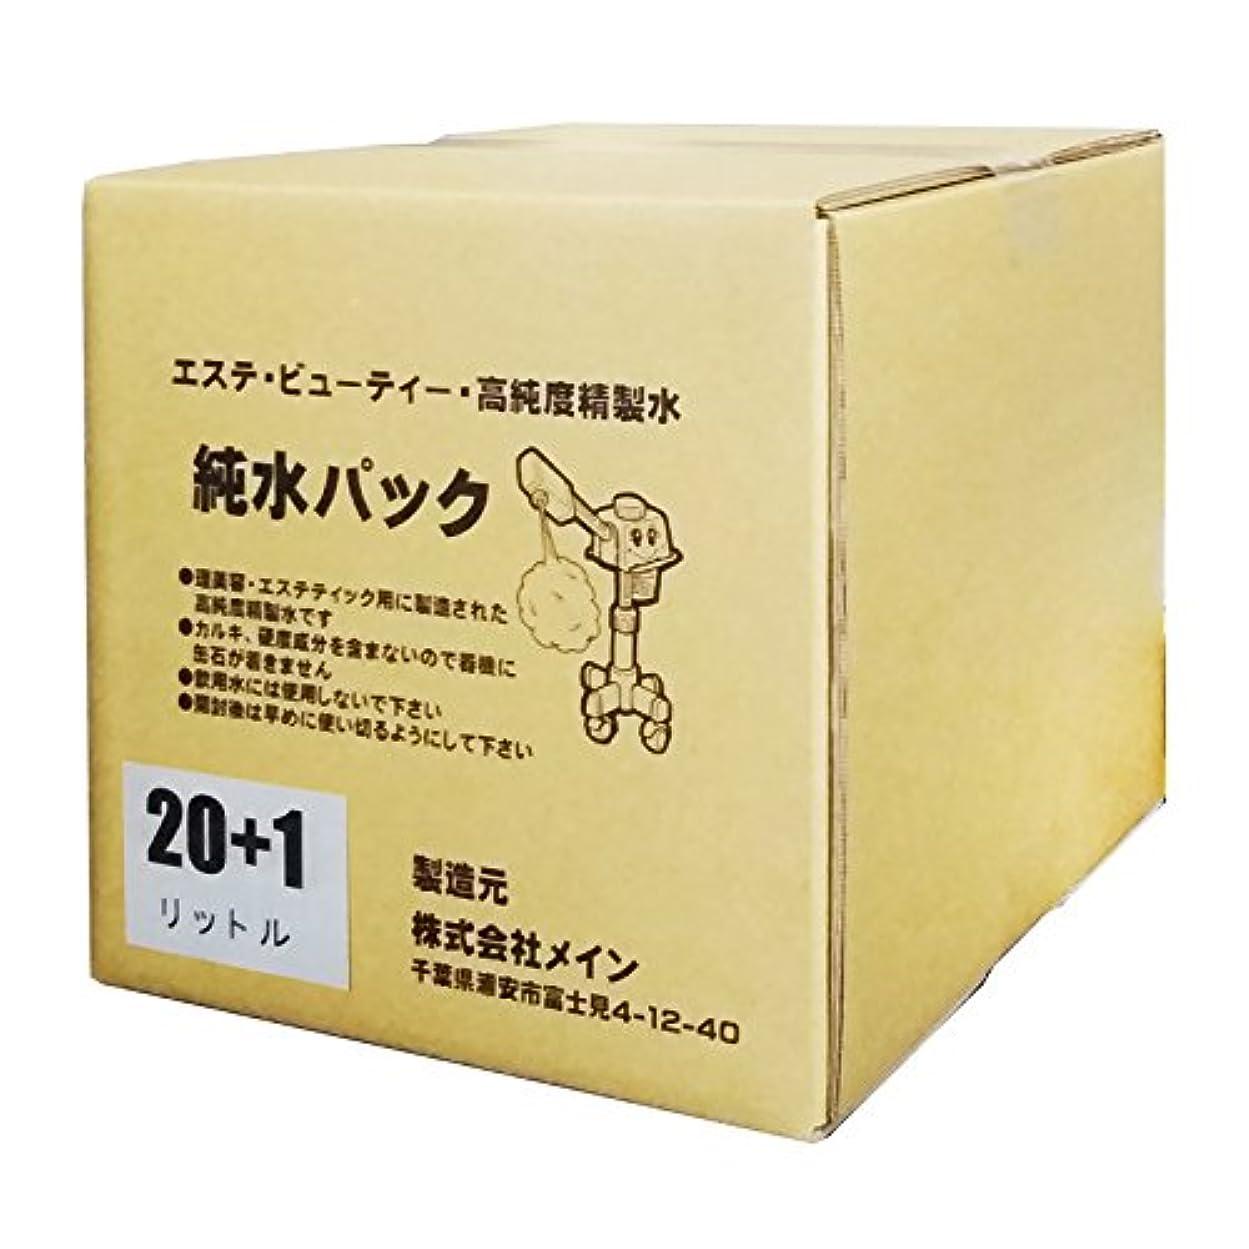 ぴったりサイドボードニュース増量中 21L 高純度 精製水 20 L + 1L 純水パック コック付 日本製 エステ スチーマー (1個) オートクレーブ 滅菌器